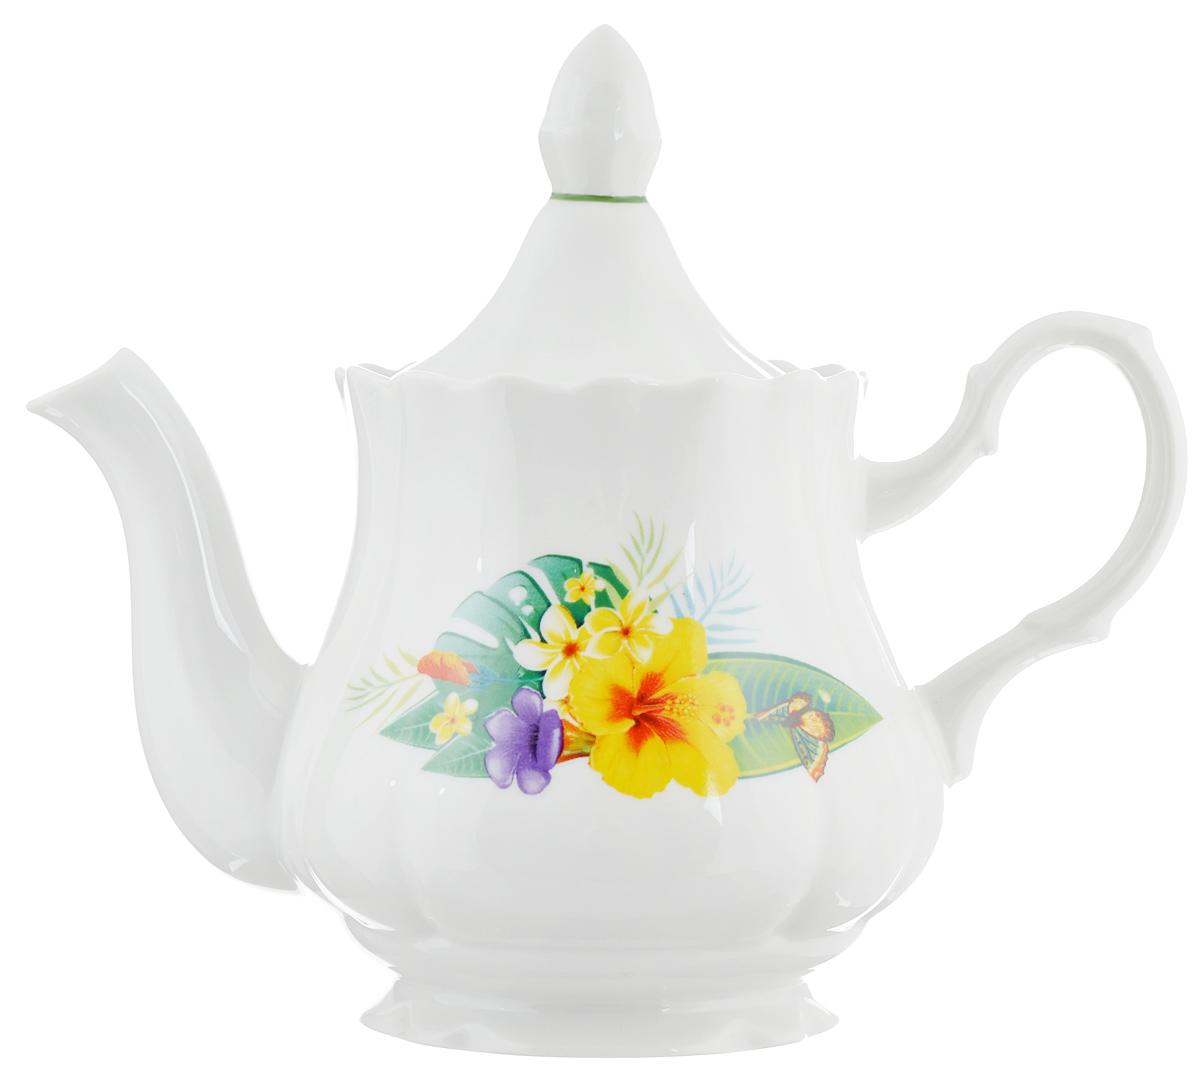 Чайник заварочный Романс. Райский остров, 800 мл1303780Заварочный чайник Романс. Райский остров выполнен из высококачественного фарфора и покрыт сверкающей глазурью. Изделие оформлено ярким цветочным рисунком и оснащено крышкой. Заварочный чайник Романс. Райский остров придется по вкусу и ценителям классики, и тем, кто предпочитает утонченность и изысканность.Диаметр (по верхнему краю): 10 см. Высота чайника (без учета крышки): 12,5 см.